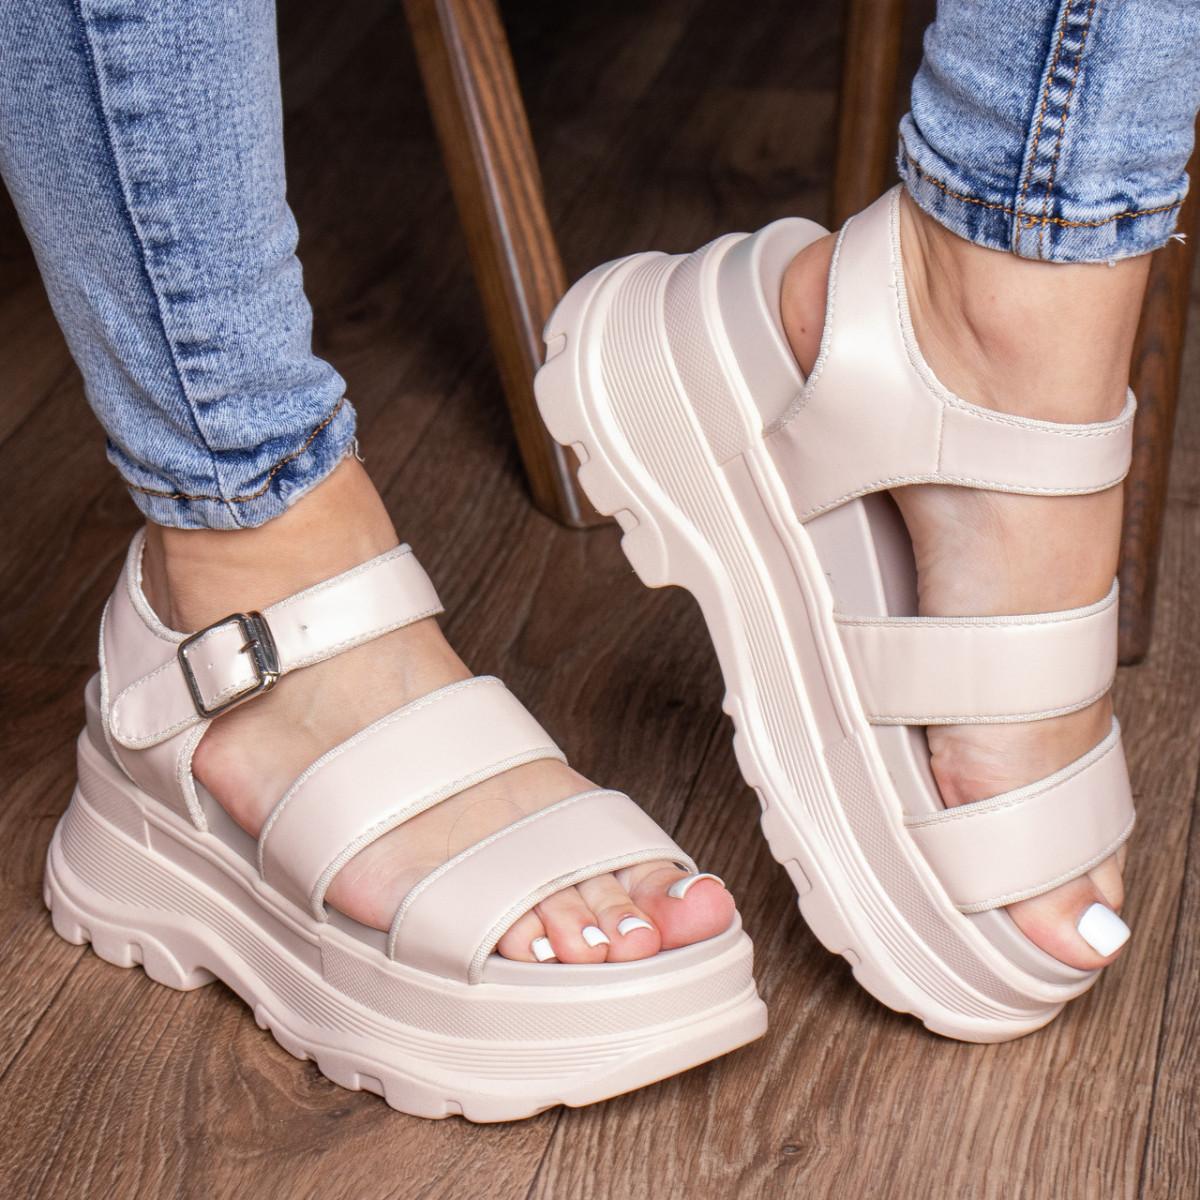 Жіночі сандалі Fashion Alexia 3100 36 розмір 23 см Бежевий 38